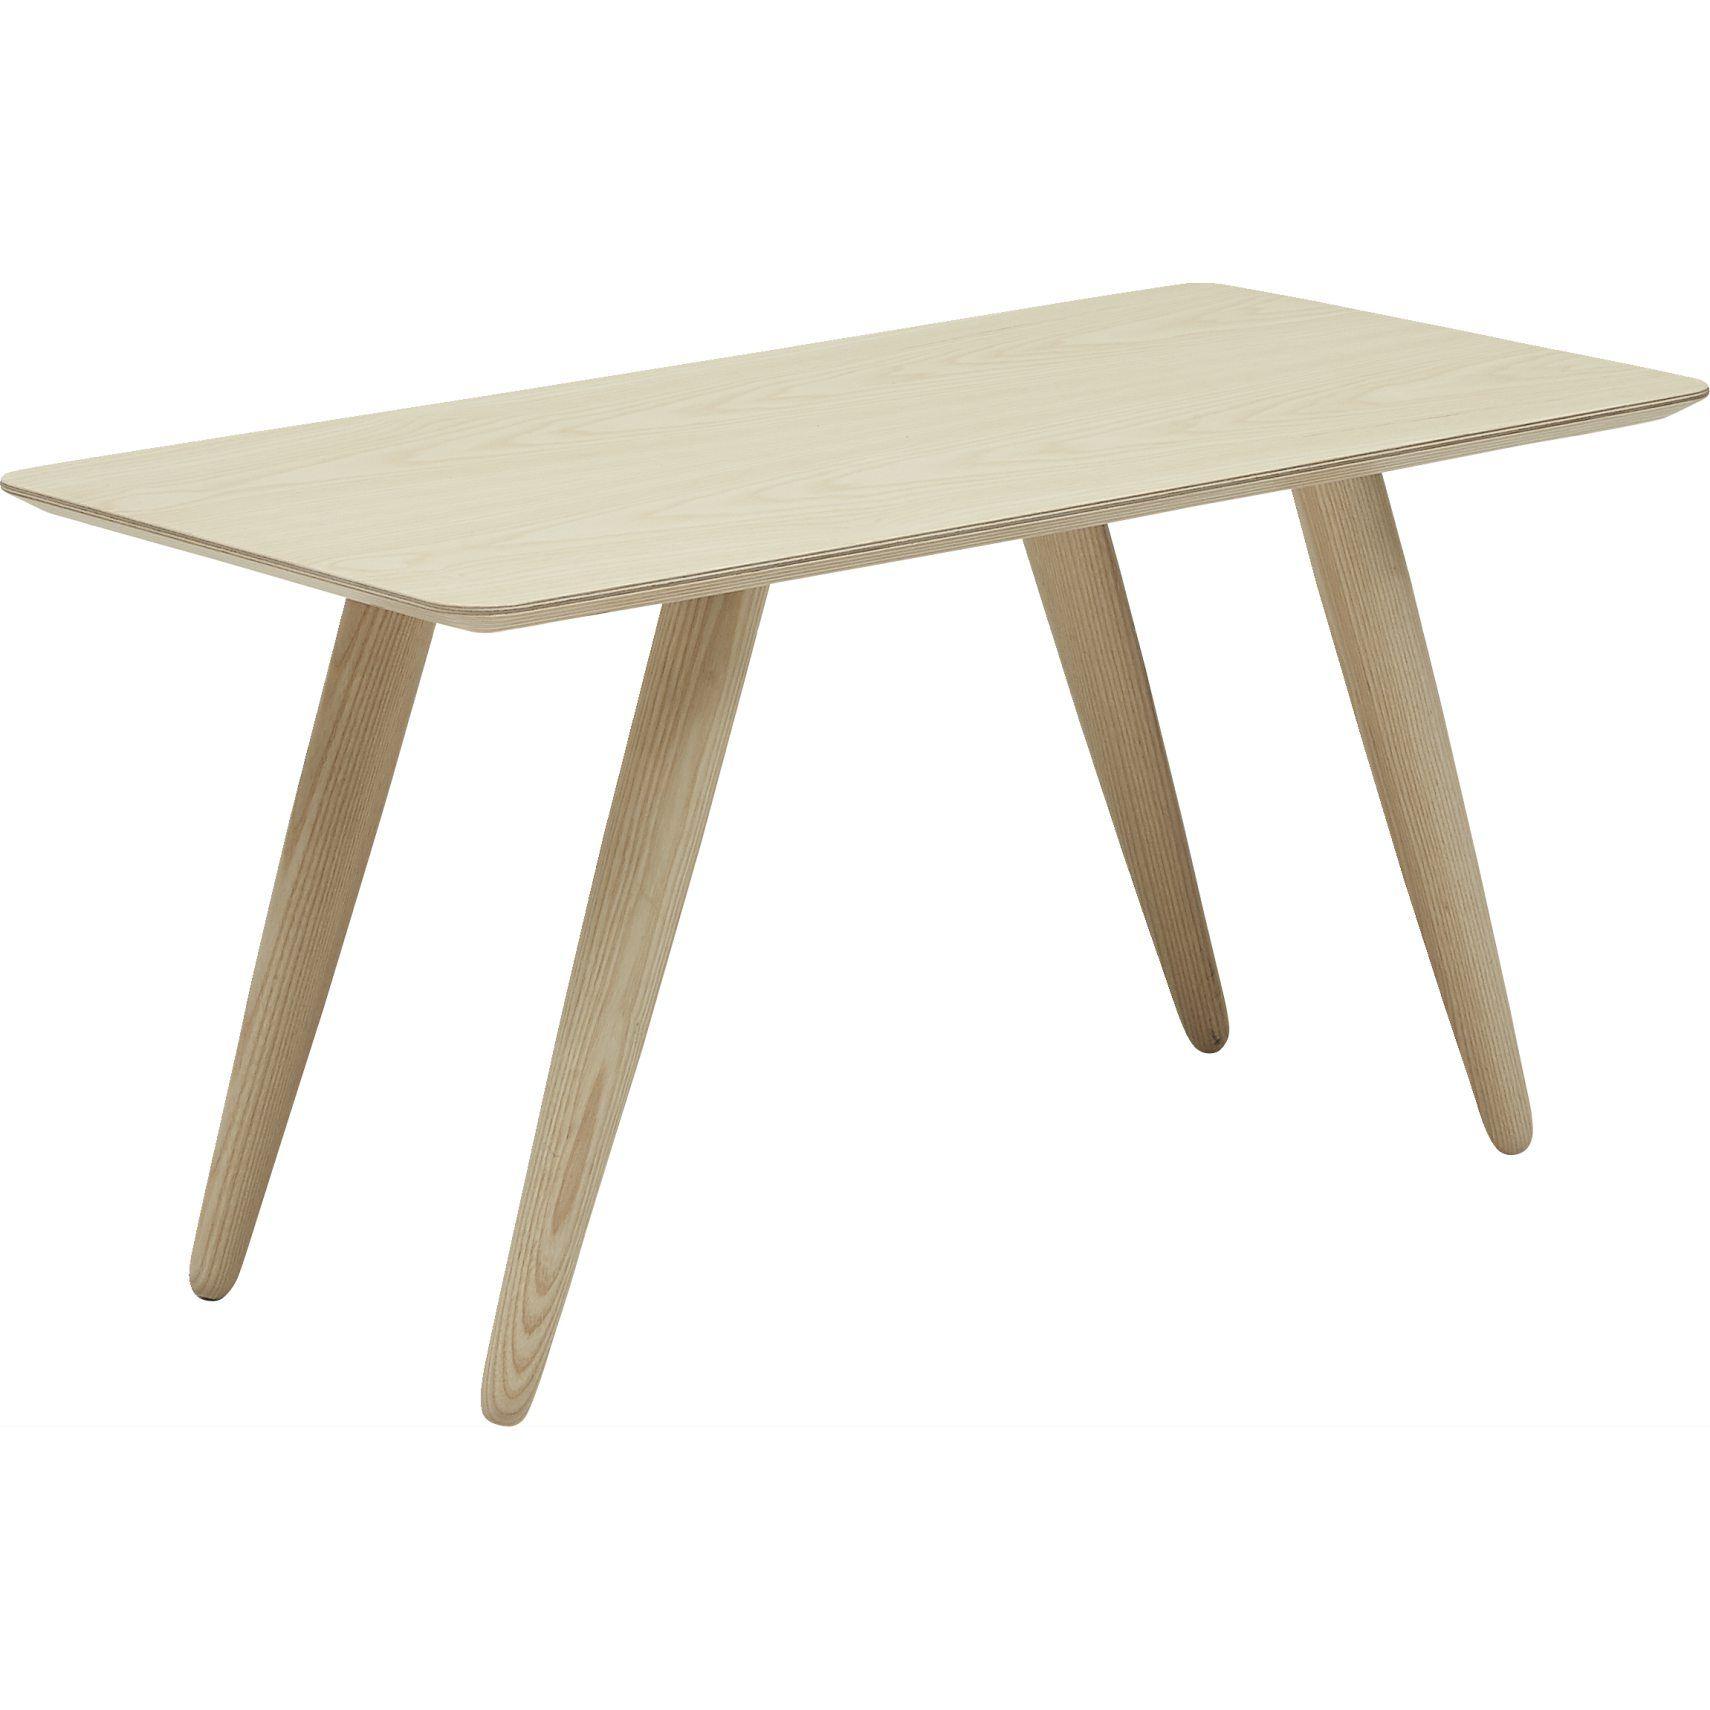 Sofabord med fineret bordplade i lakeret ask, samt ben i massiv lakeret asketræ.